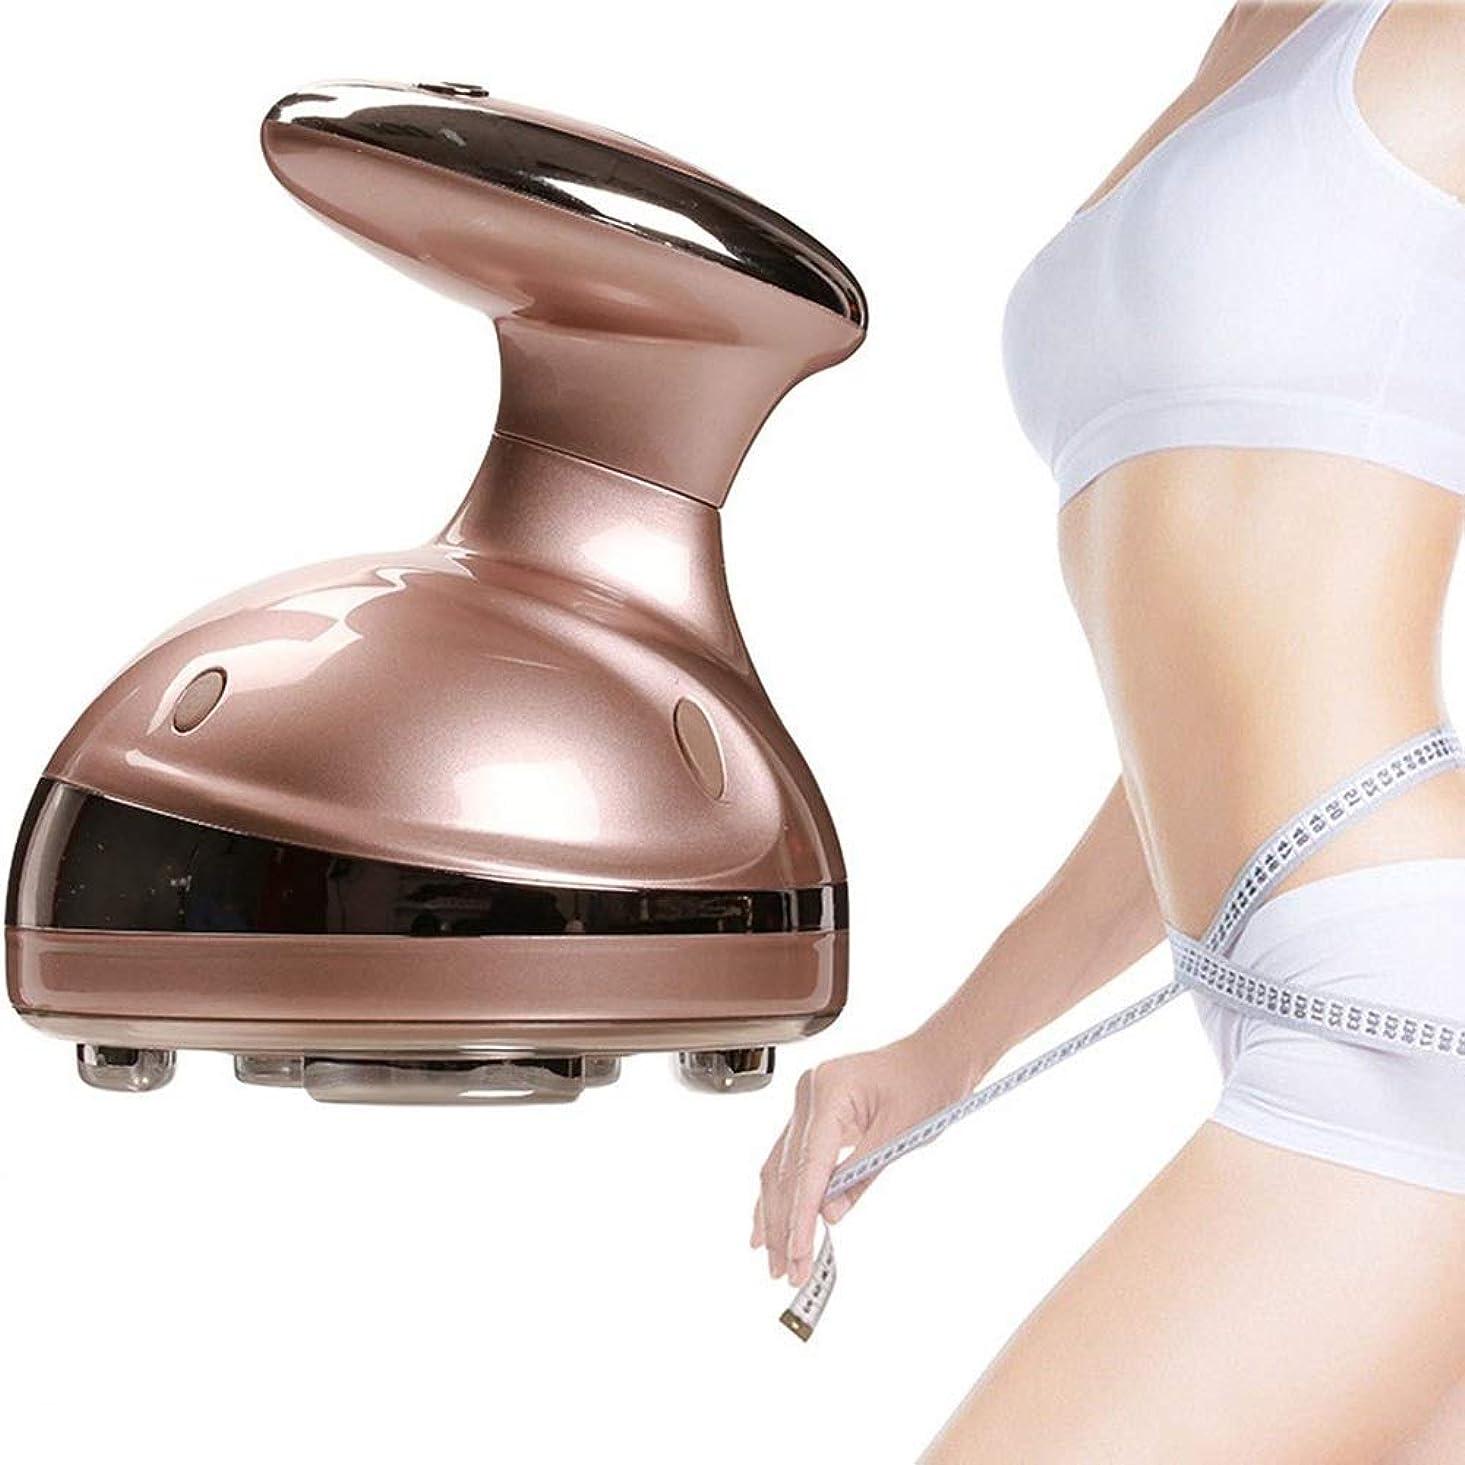 不承認拡声器落ち着く超音波脂肪除去機、RF脂肪燃焼振動整形美容器具脂肪除去体重減少デバイス、LEDフォトンアンチセルライト痩身ボディ美容院